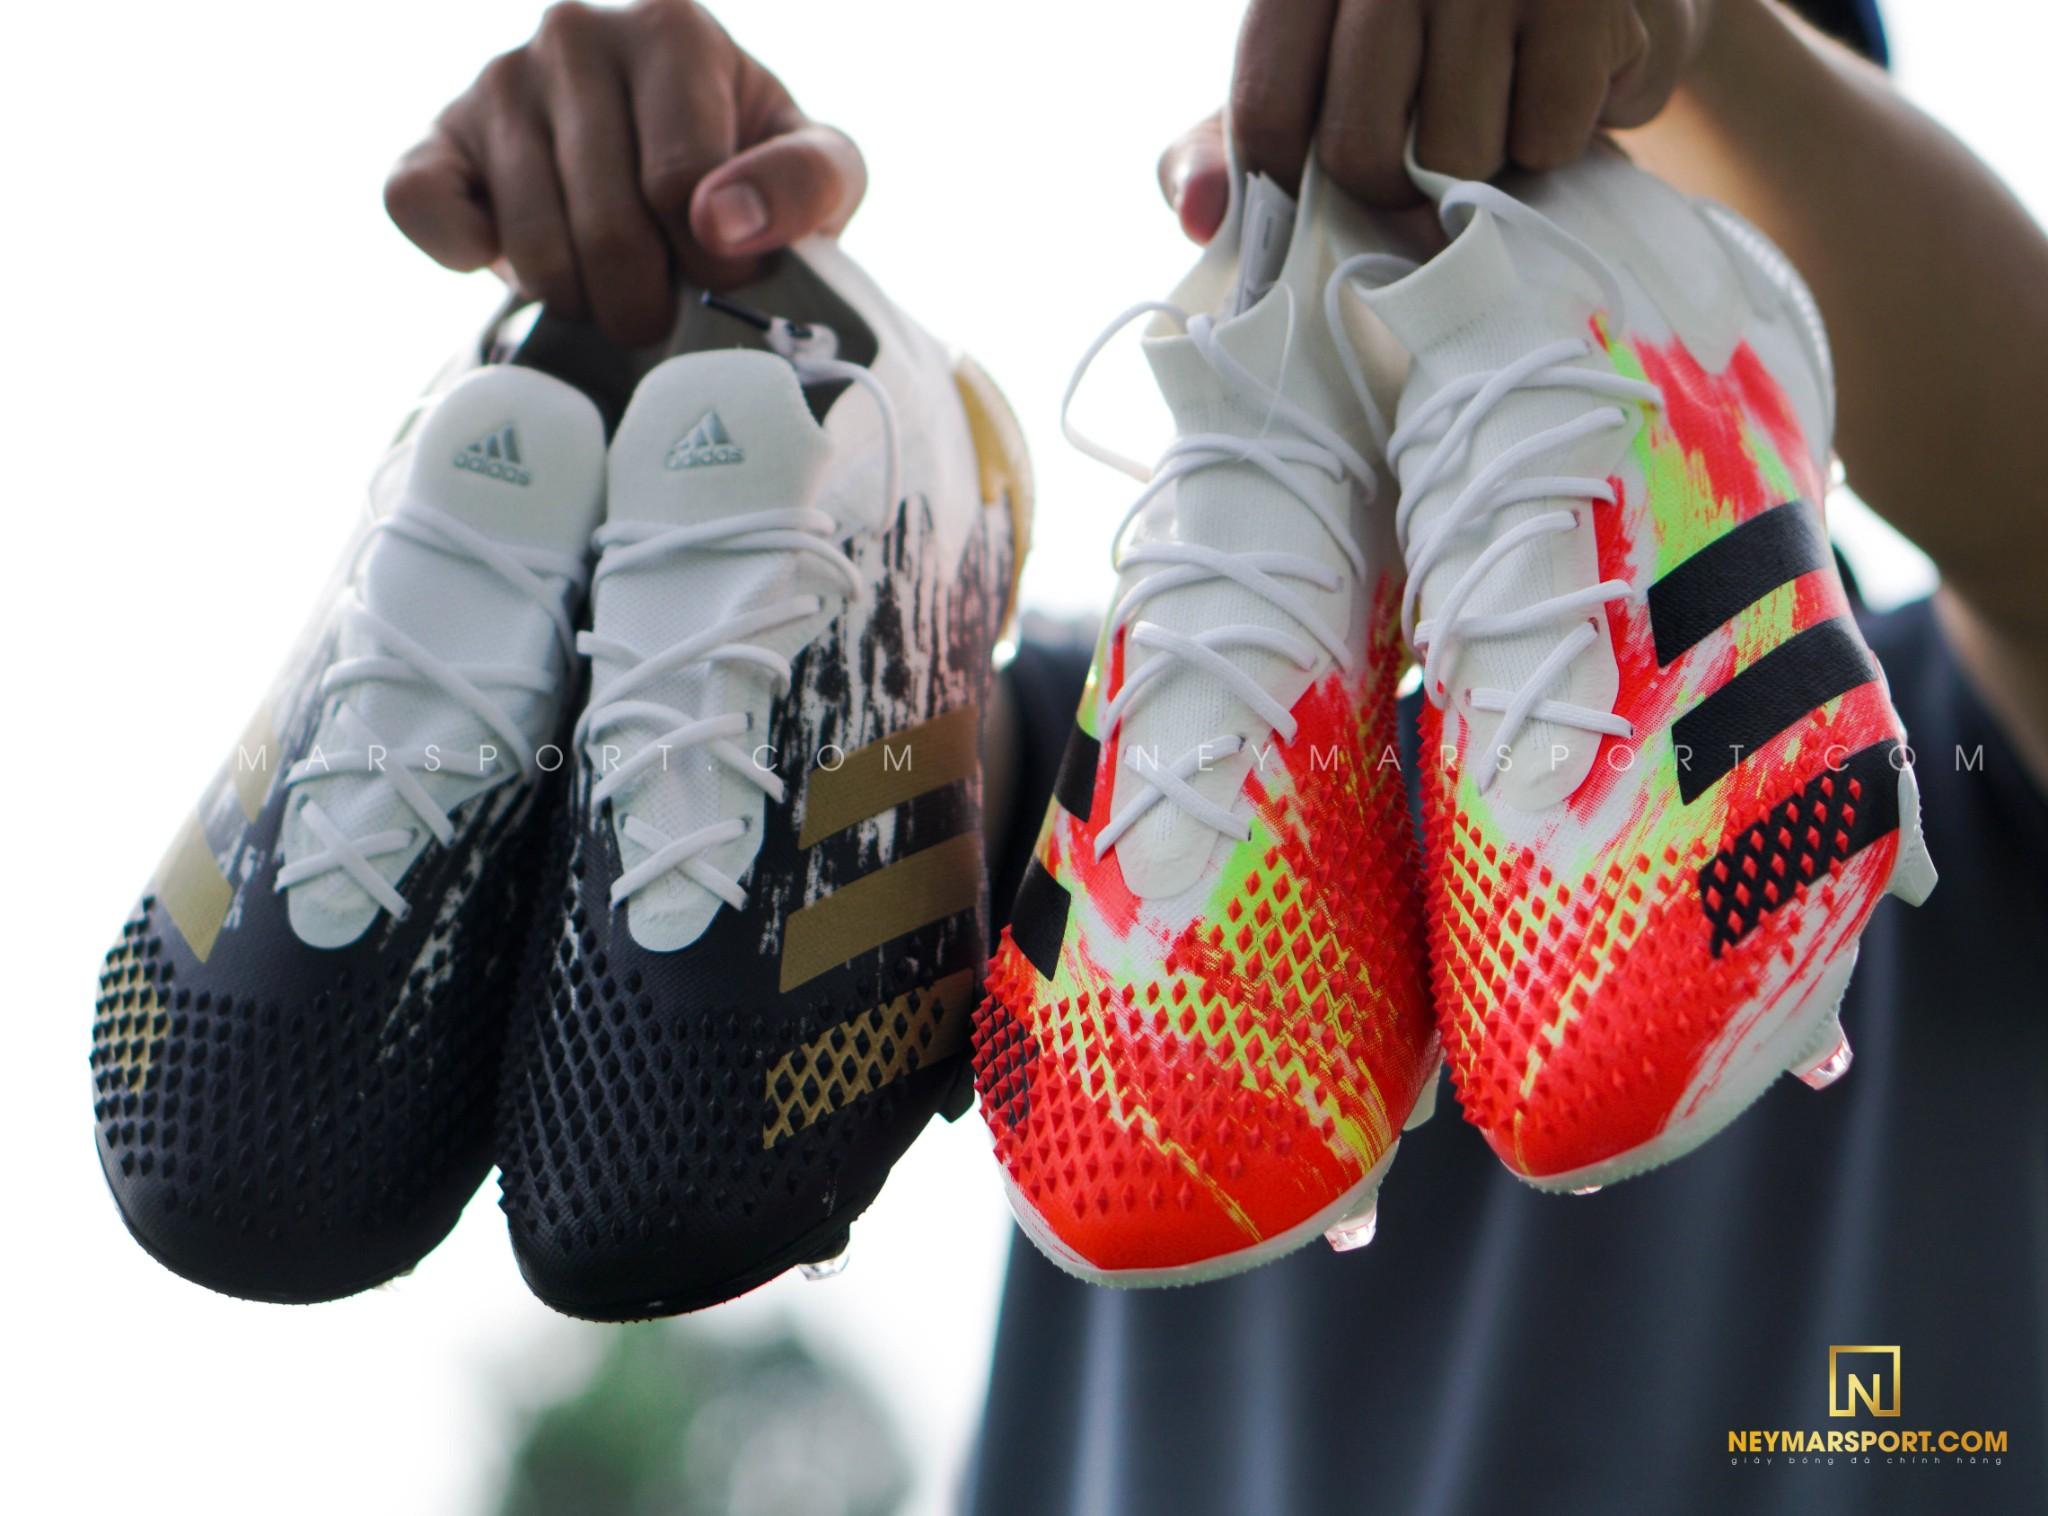 So sánh đặc trưng khác biệt về thiết kế giày đá banh adidas Predator - Uniforia và Inflight Pack